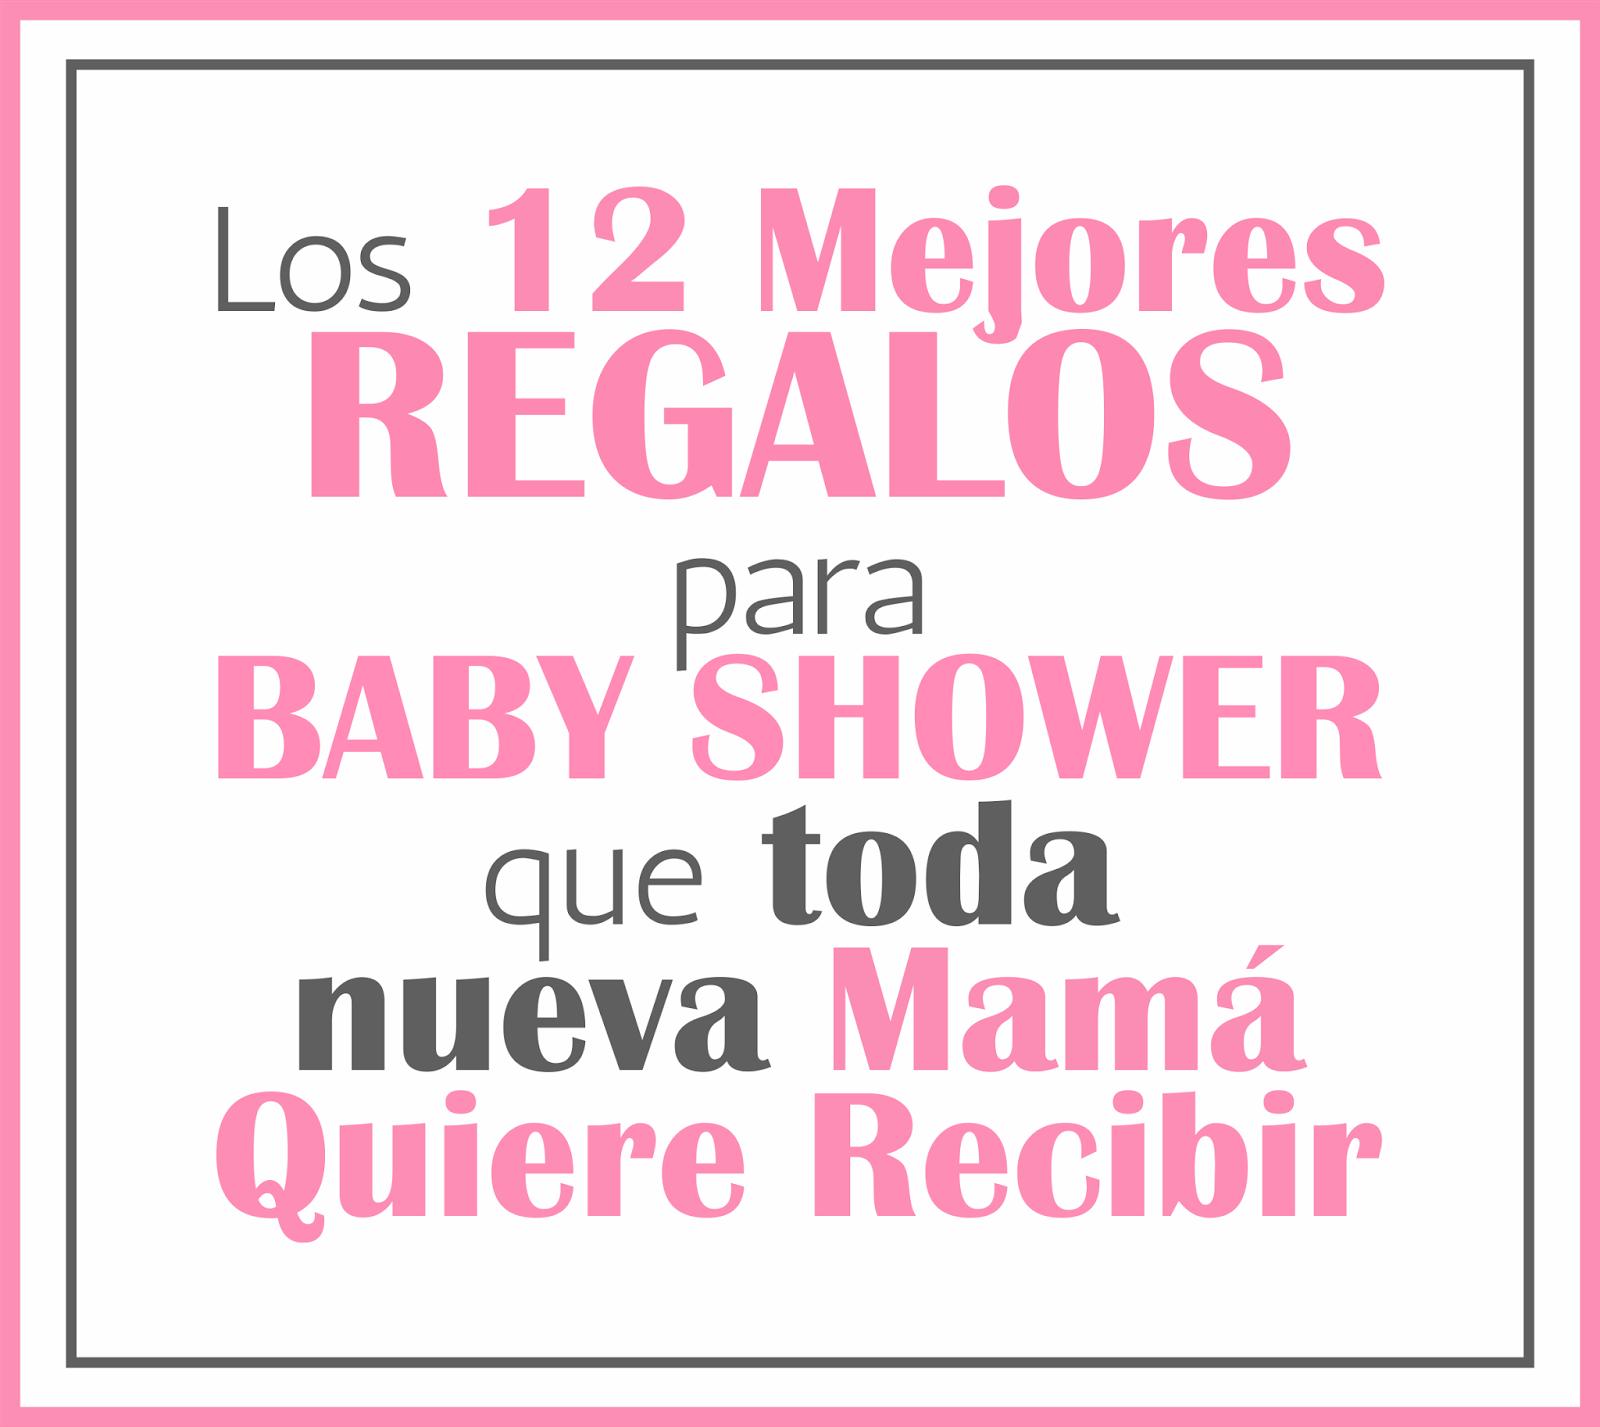 Que Regalos Se Piden En Un Baby Shower.Juegos De Baby Shower Agosto 2015